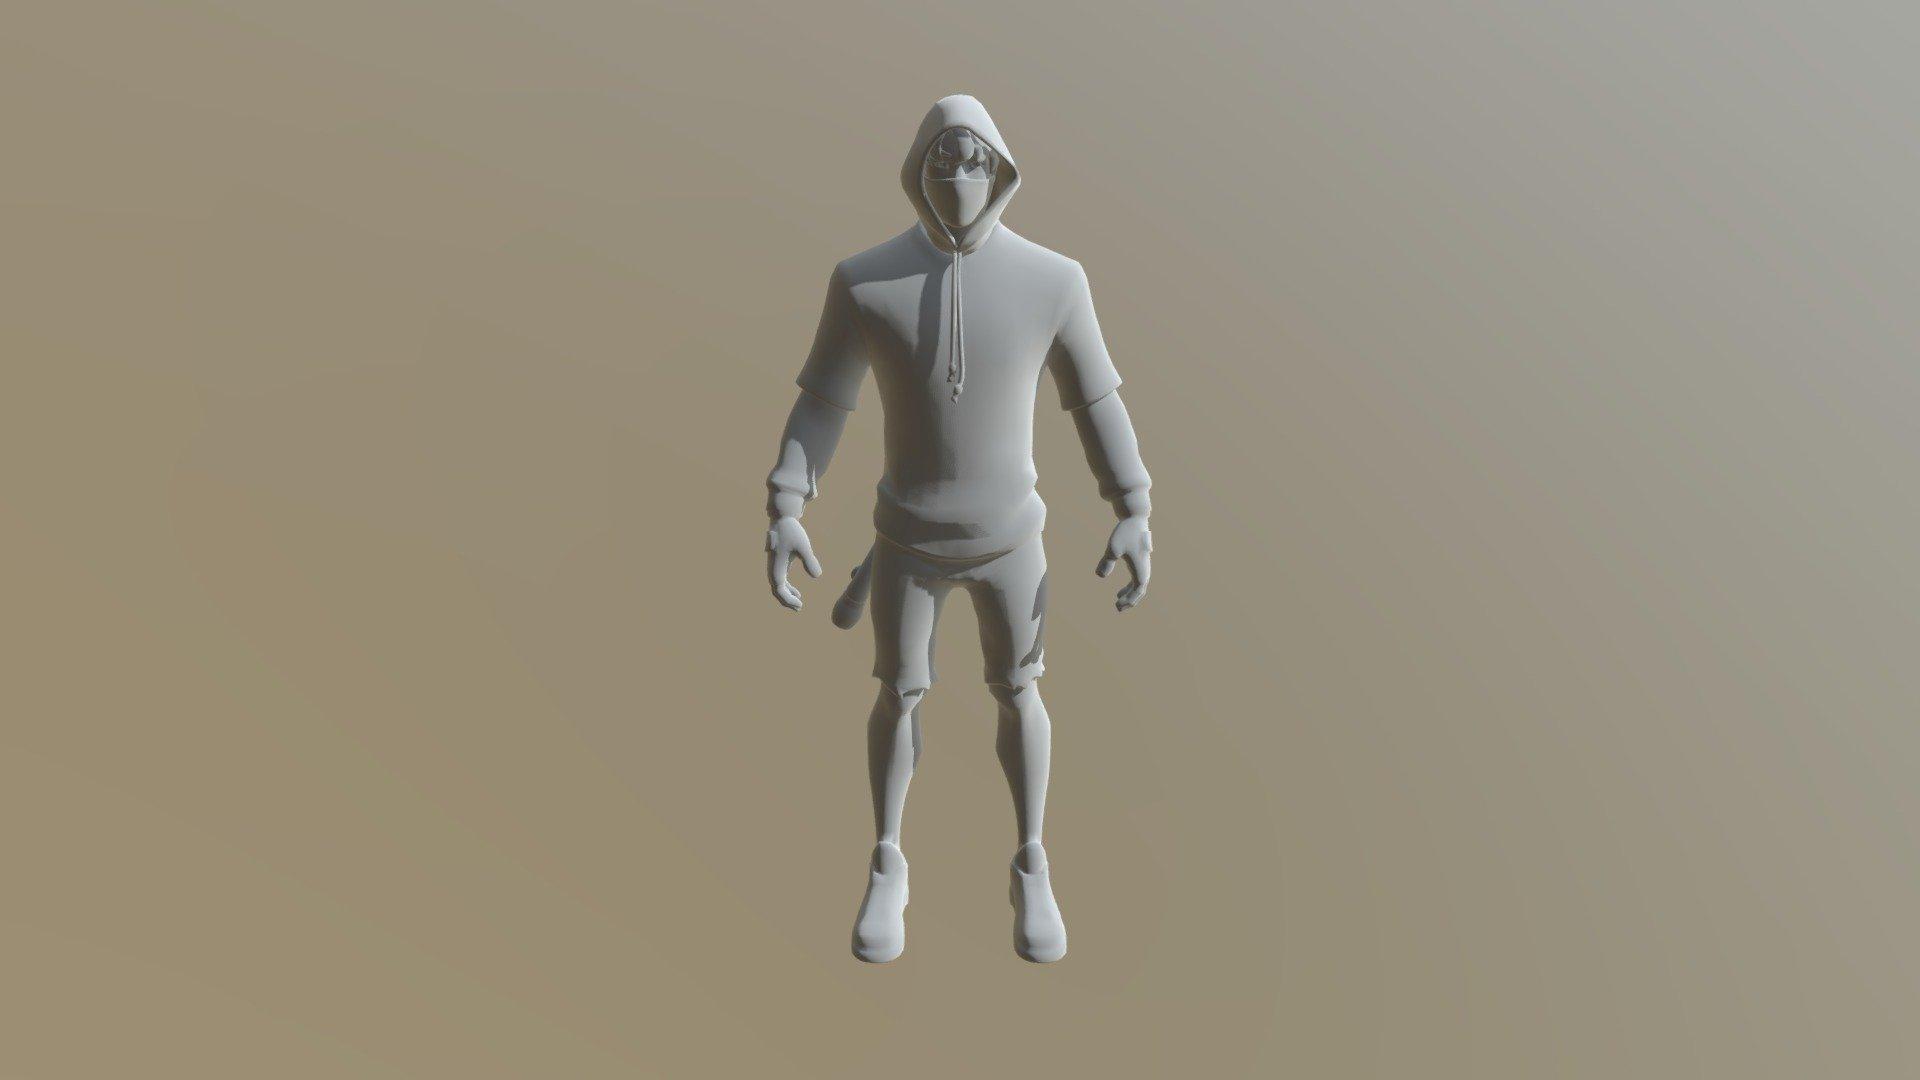 Ikonik Skin For Blender Download Free 3d Model By Lordfx Qrhfx59 13ced73 Sketchfab